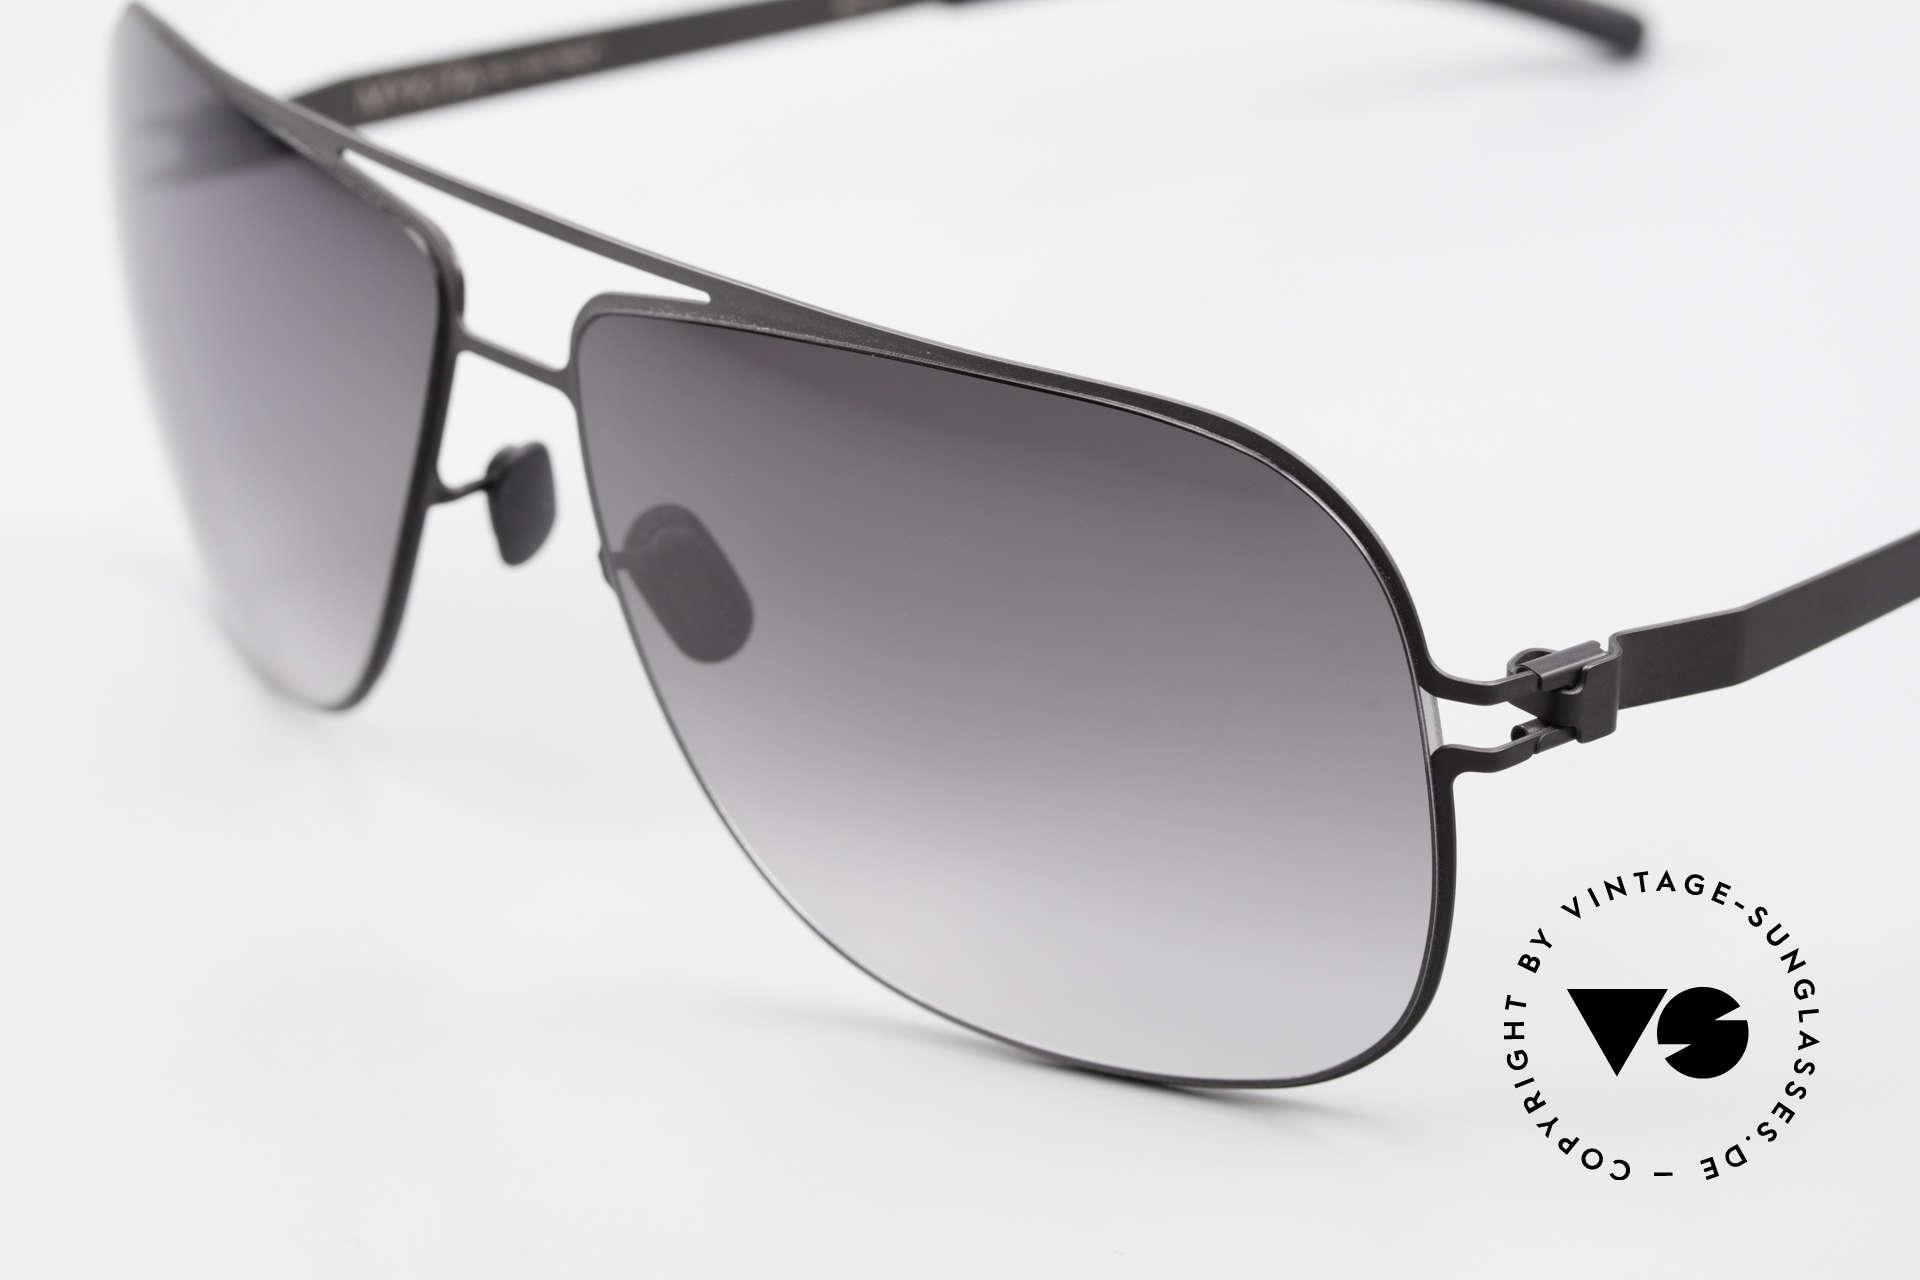 Mykita Rolf Brad Pitt Mykita Sonnenbrille, innovativ flexible Metallfassung: eine Größe passt allen, Passend für Herren und Damen